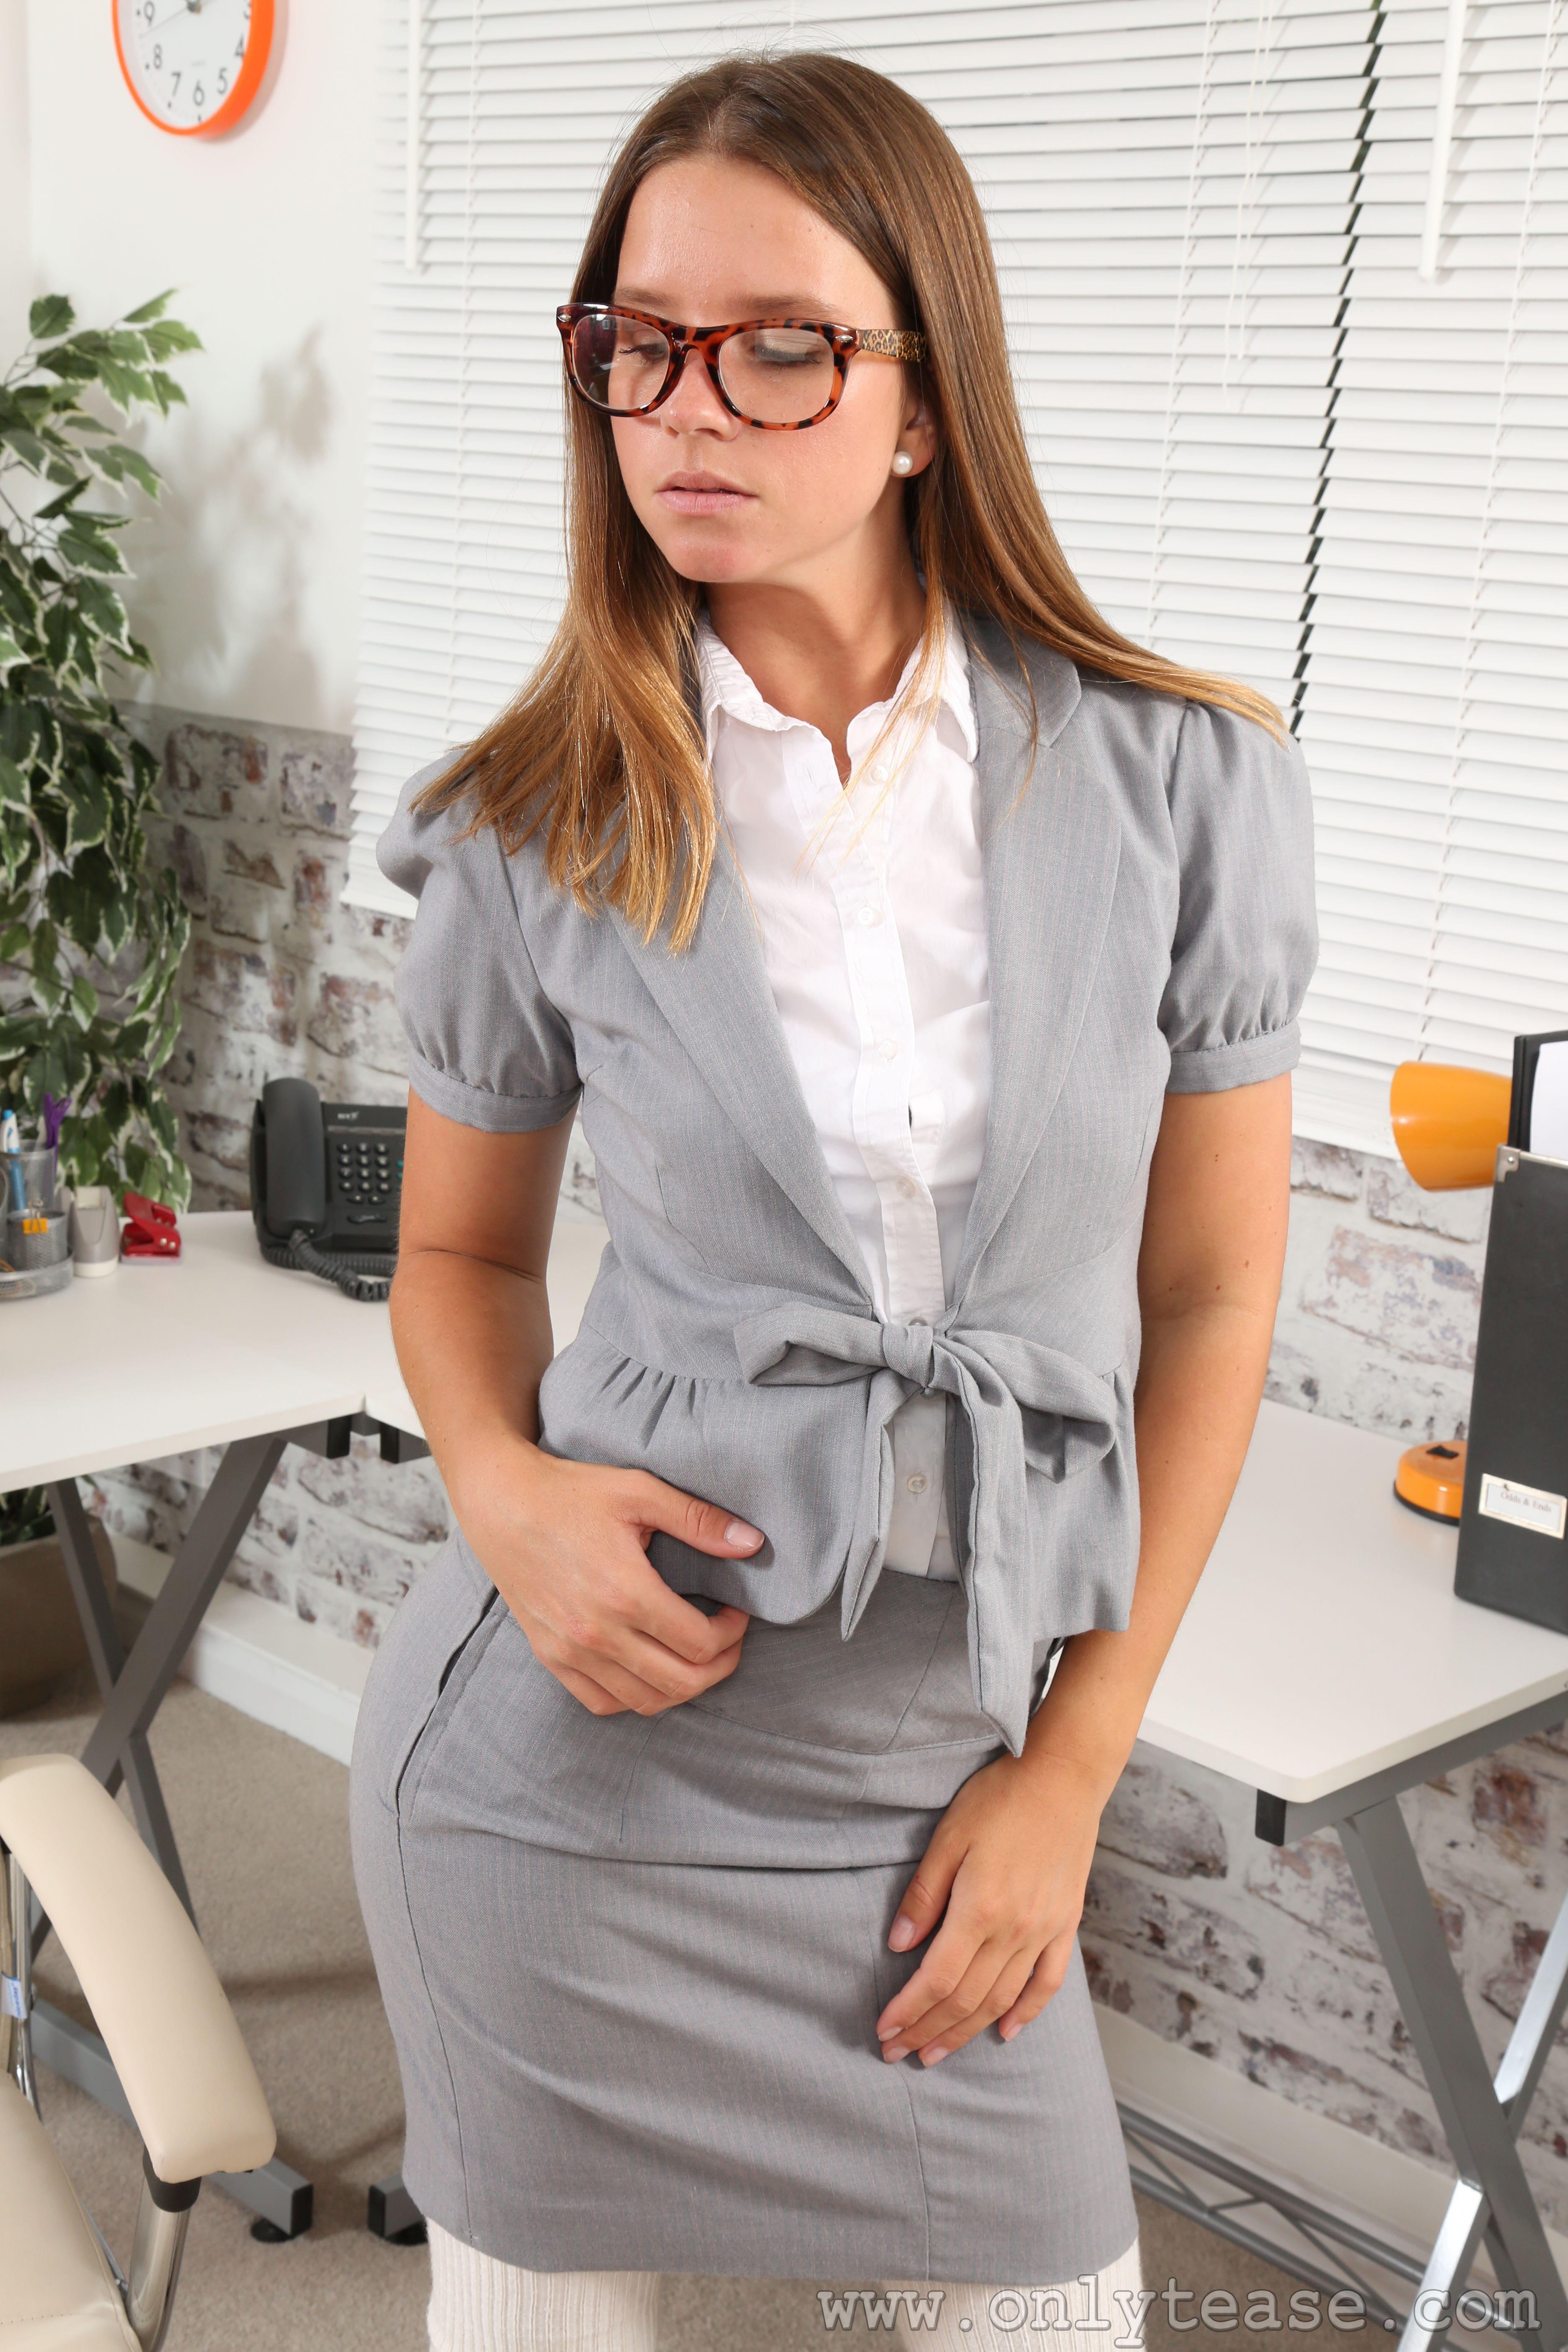 Фотографии Vanessa A Only шатенки секретарша девушка Руки очков 3744x5616 для мобильного телефона Шатенка Секретарши Девушки молодая женщина молодые женщины Очки рука очках